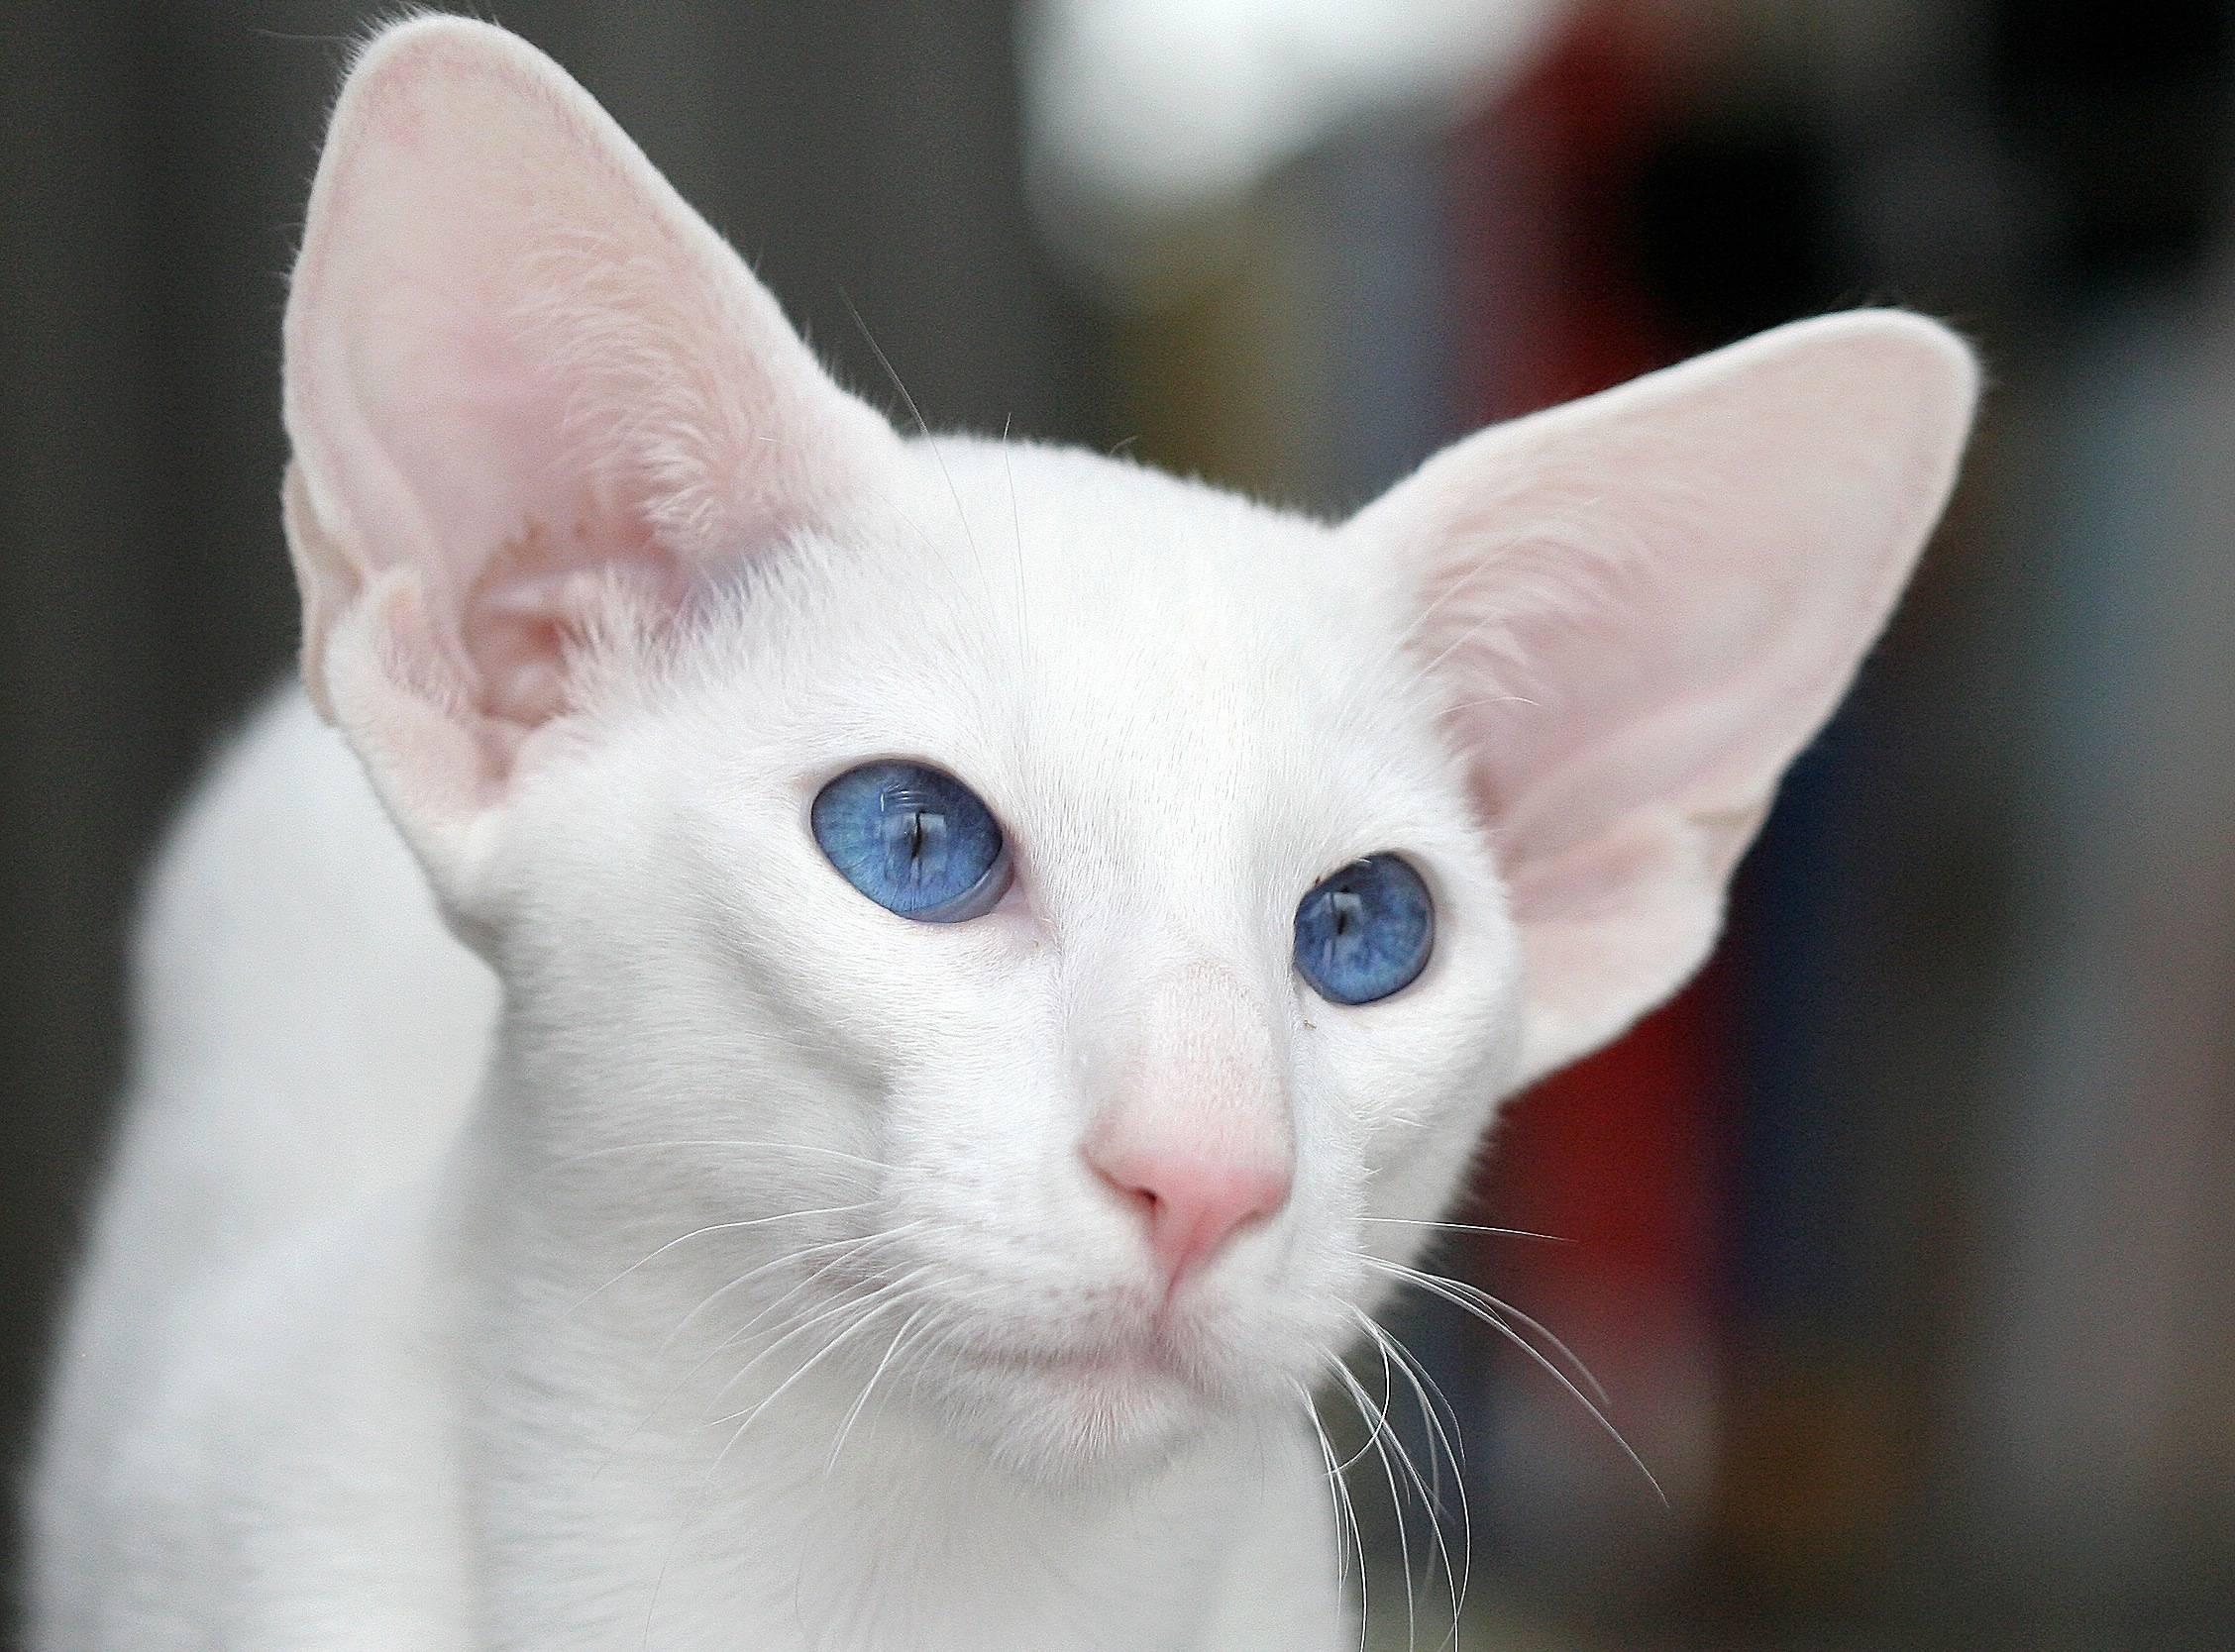 Форин вайт: описание породы кошек, характер, отзывы (с фото и видео)